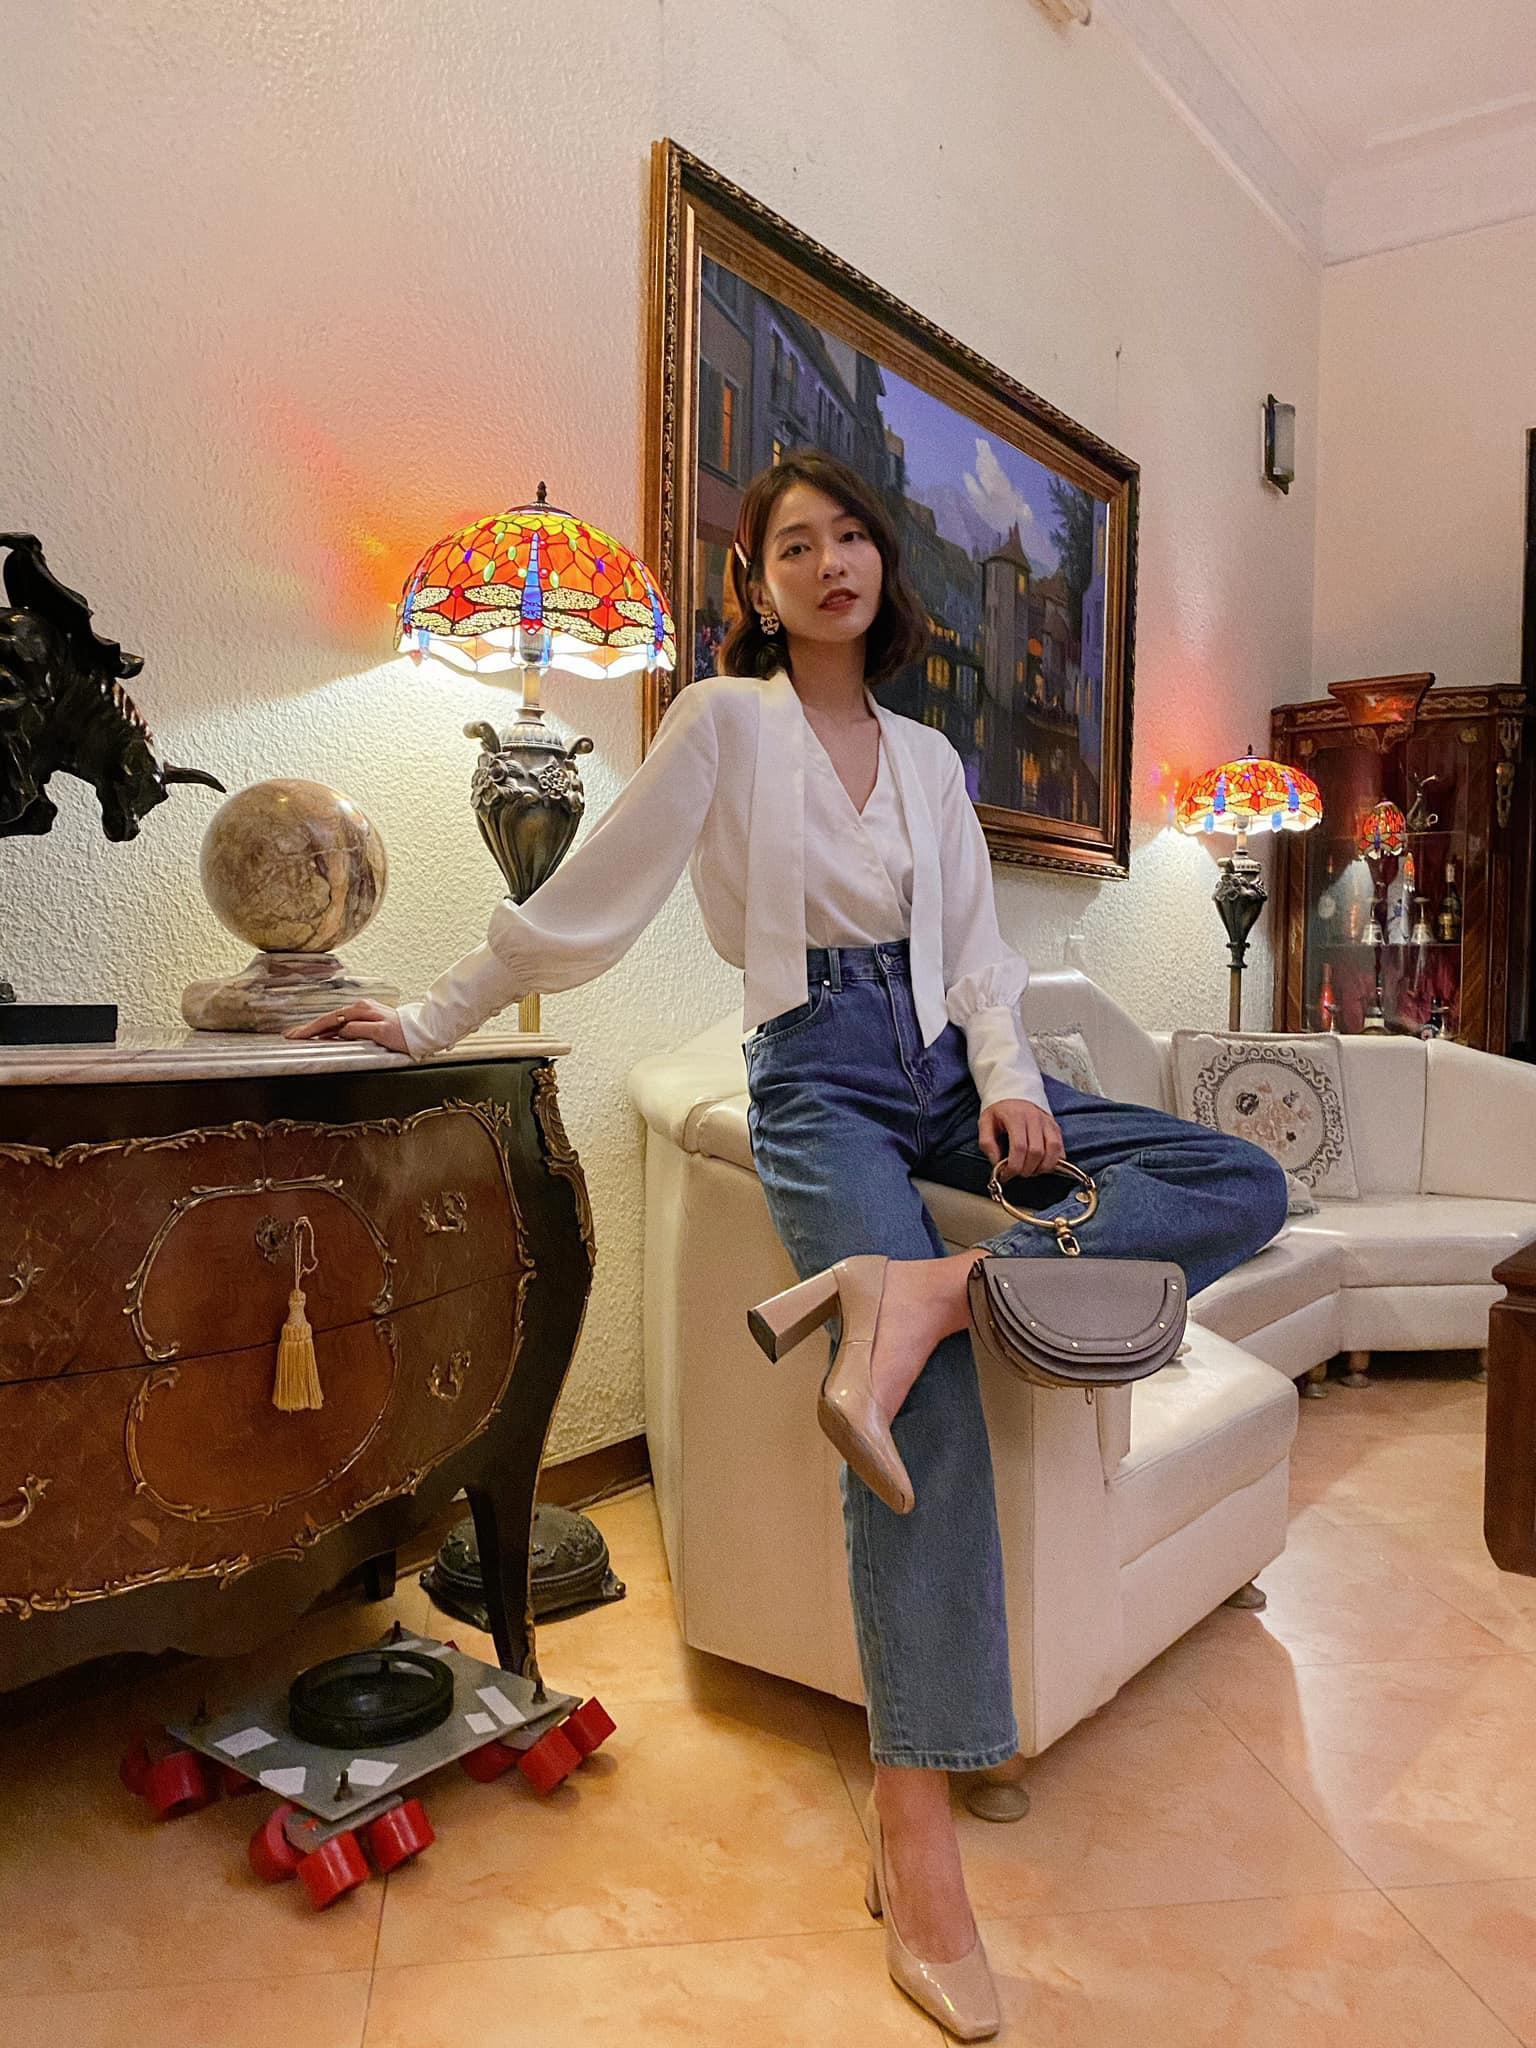 Khả Ngân style trong phim Khả Ngân style trong phim có loạt cách diện áo trắng vừa đẹp vừa sang để nàng công sở copy theo - Ảnh 1.